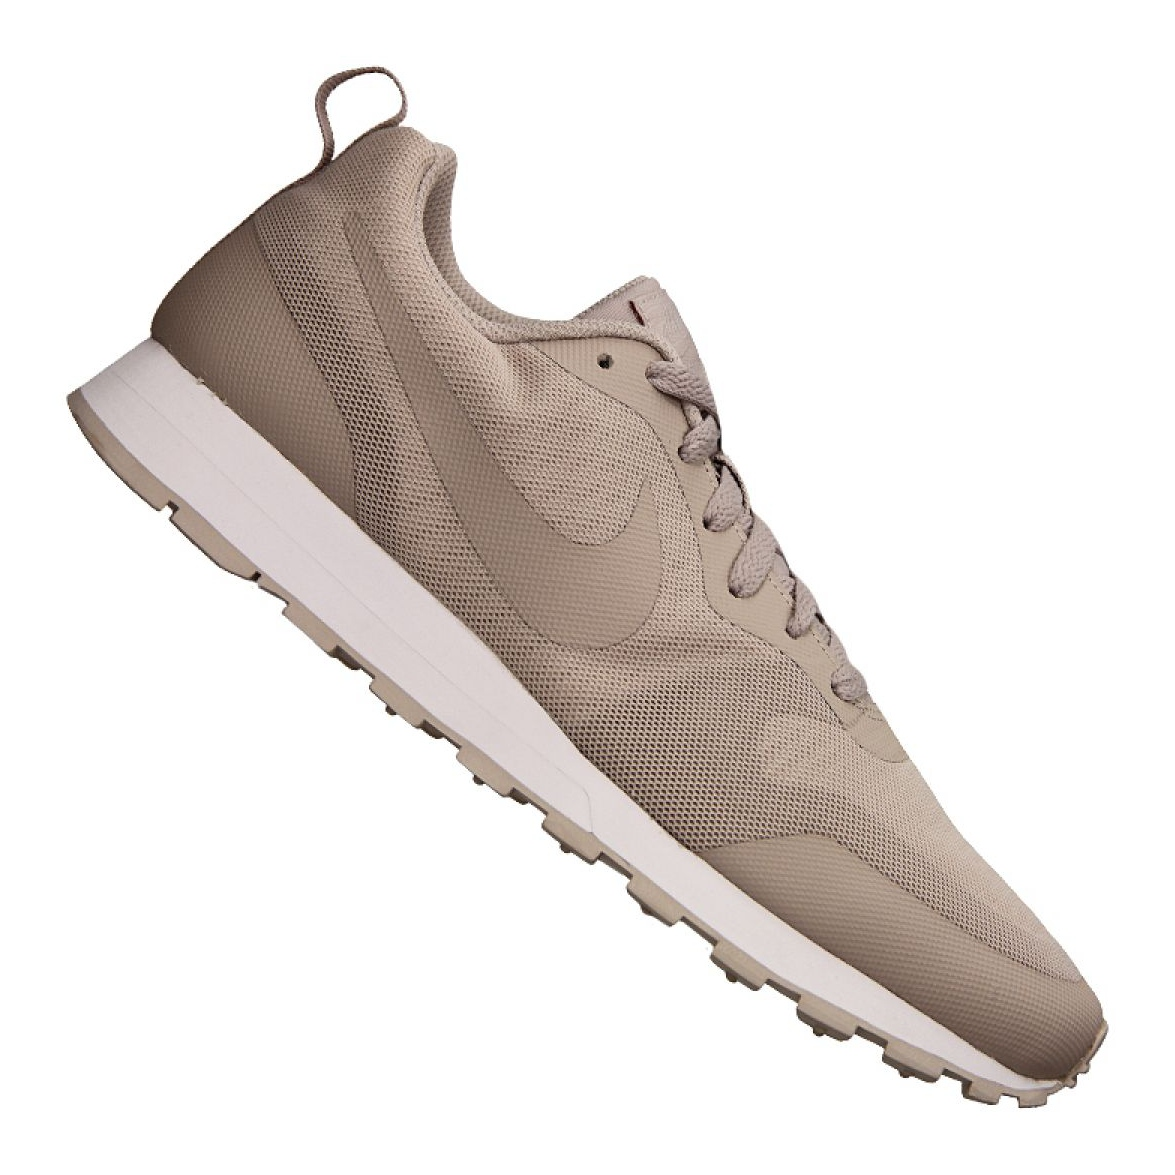 Nike Md Runner 2 cipő 19 M AO0265 200 barna